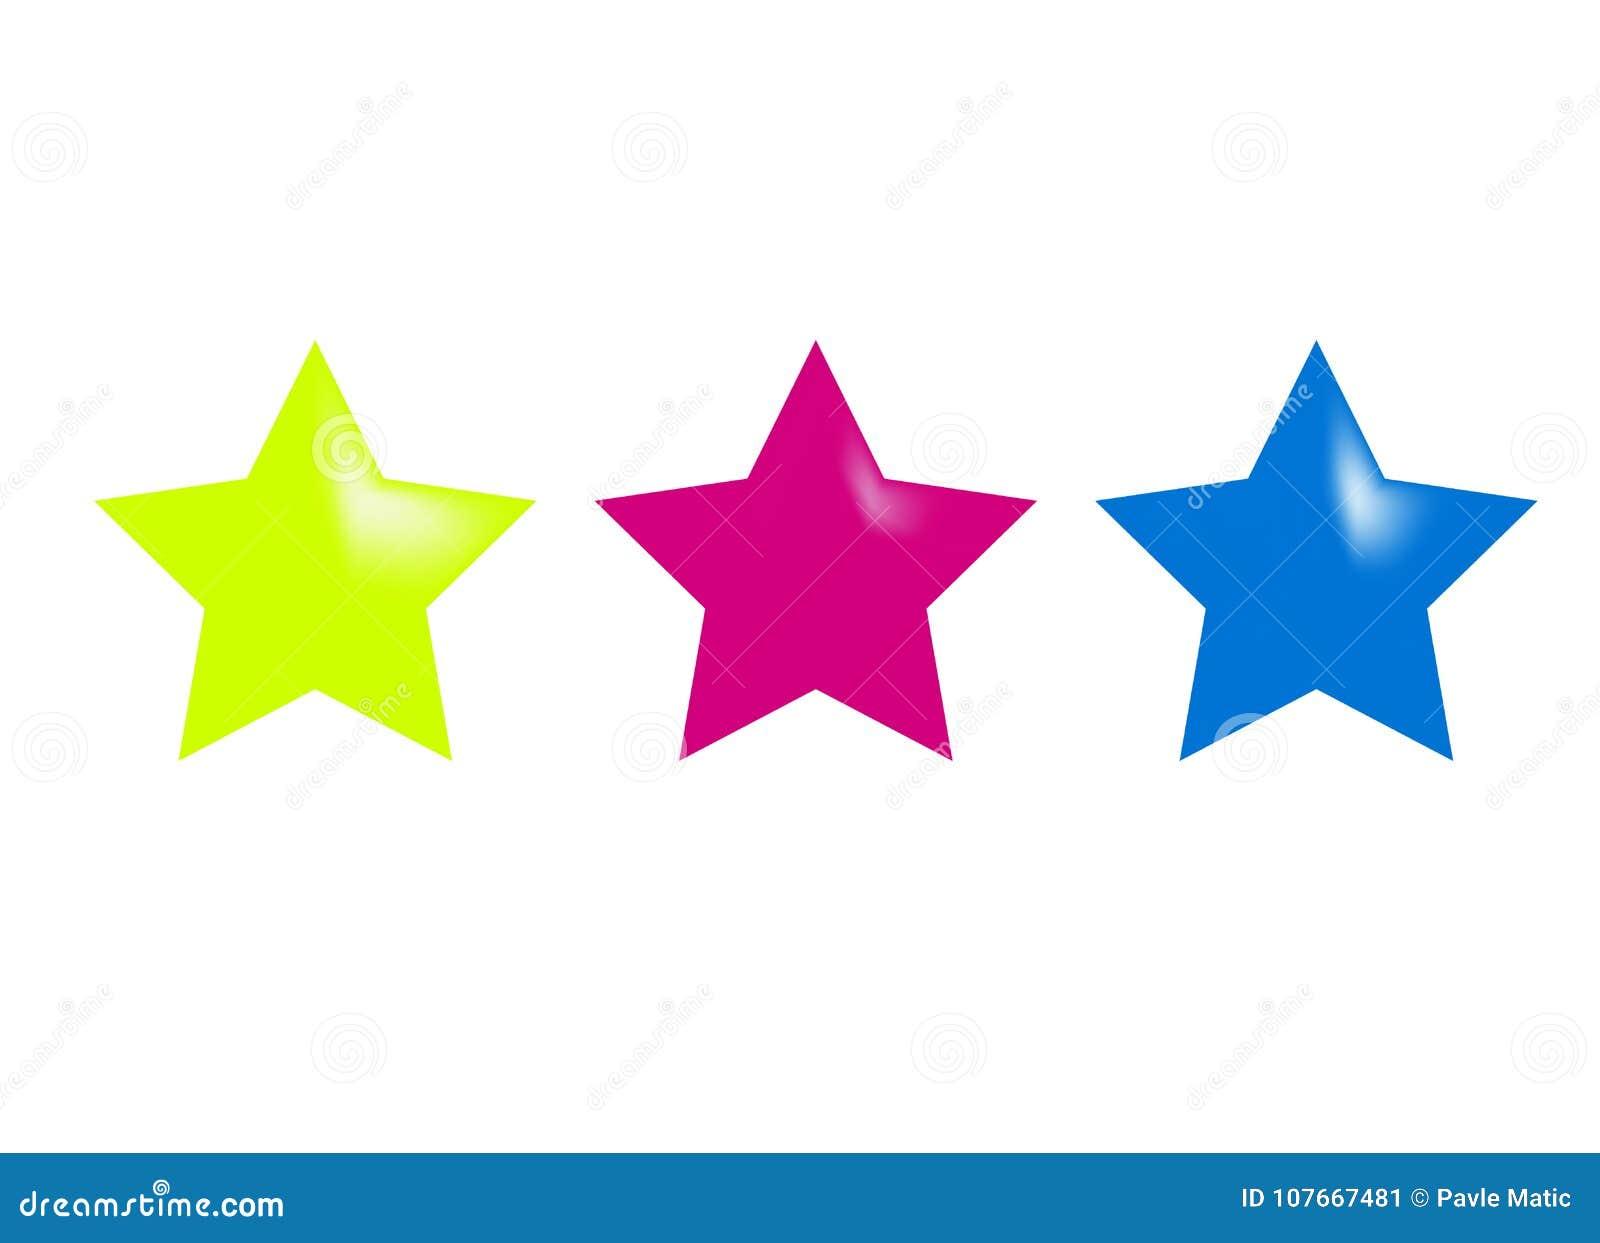 Three Shiny Glossy Stars Stock Vector Illustration Of Sign 107667481